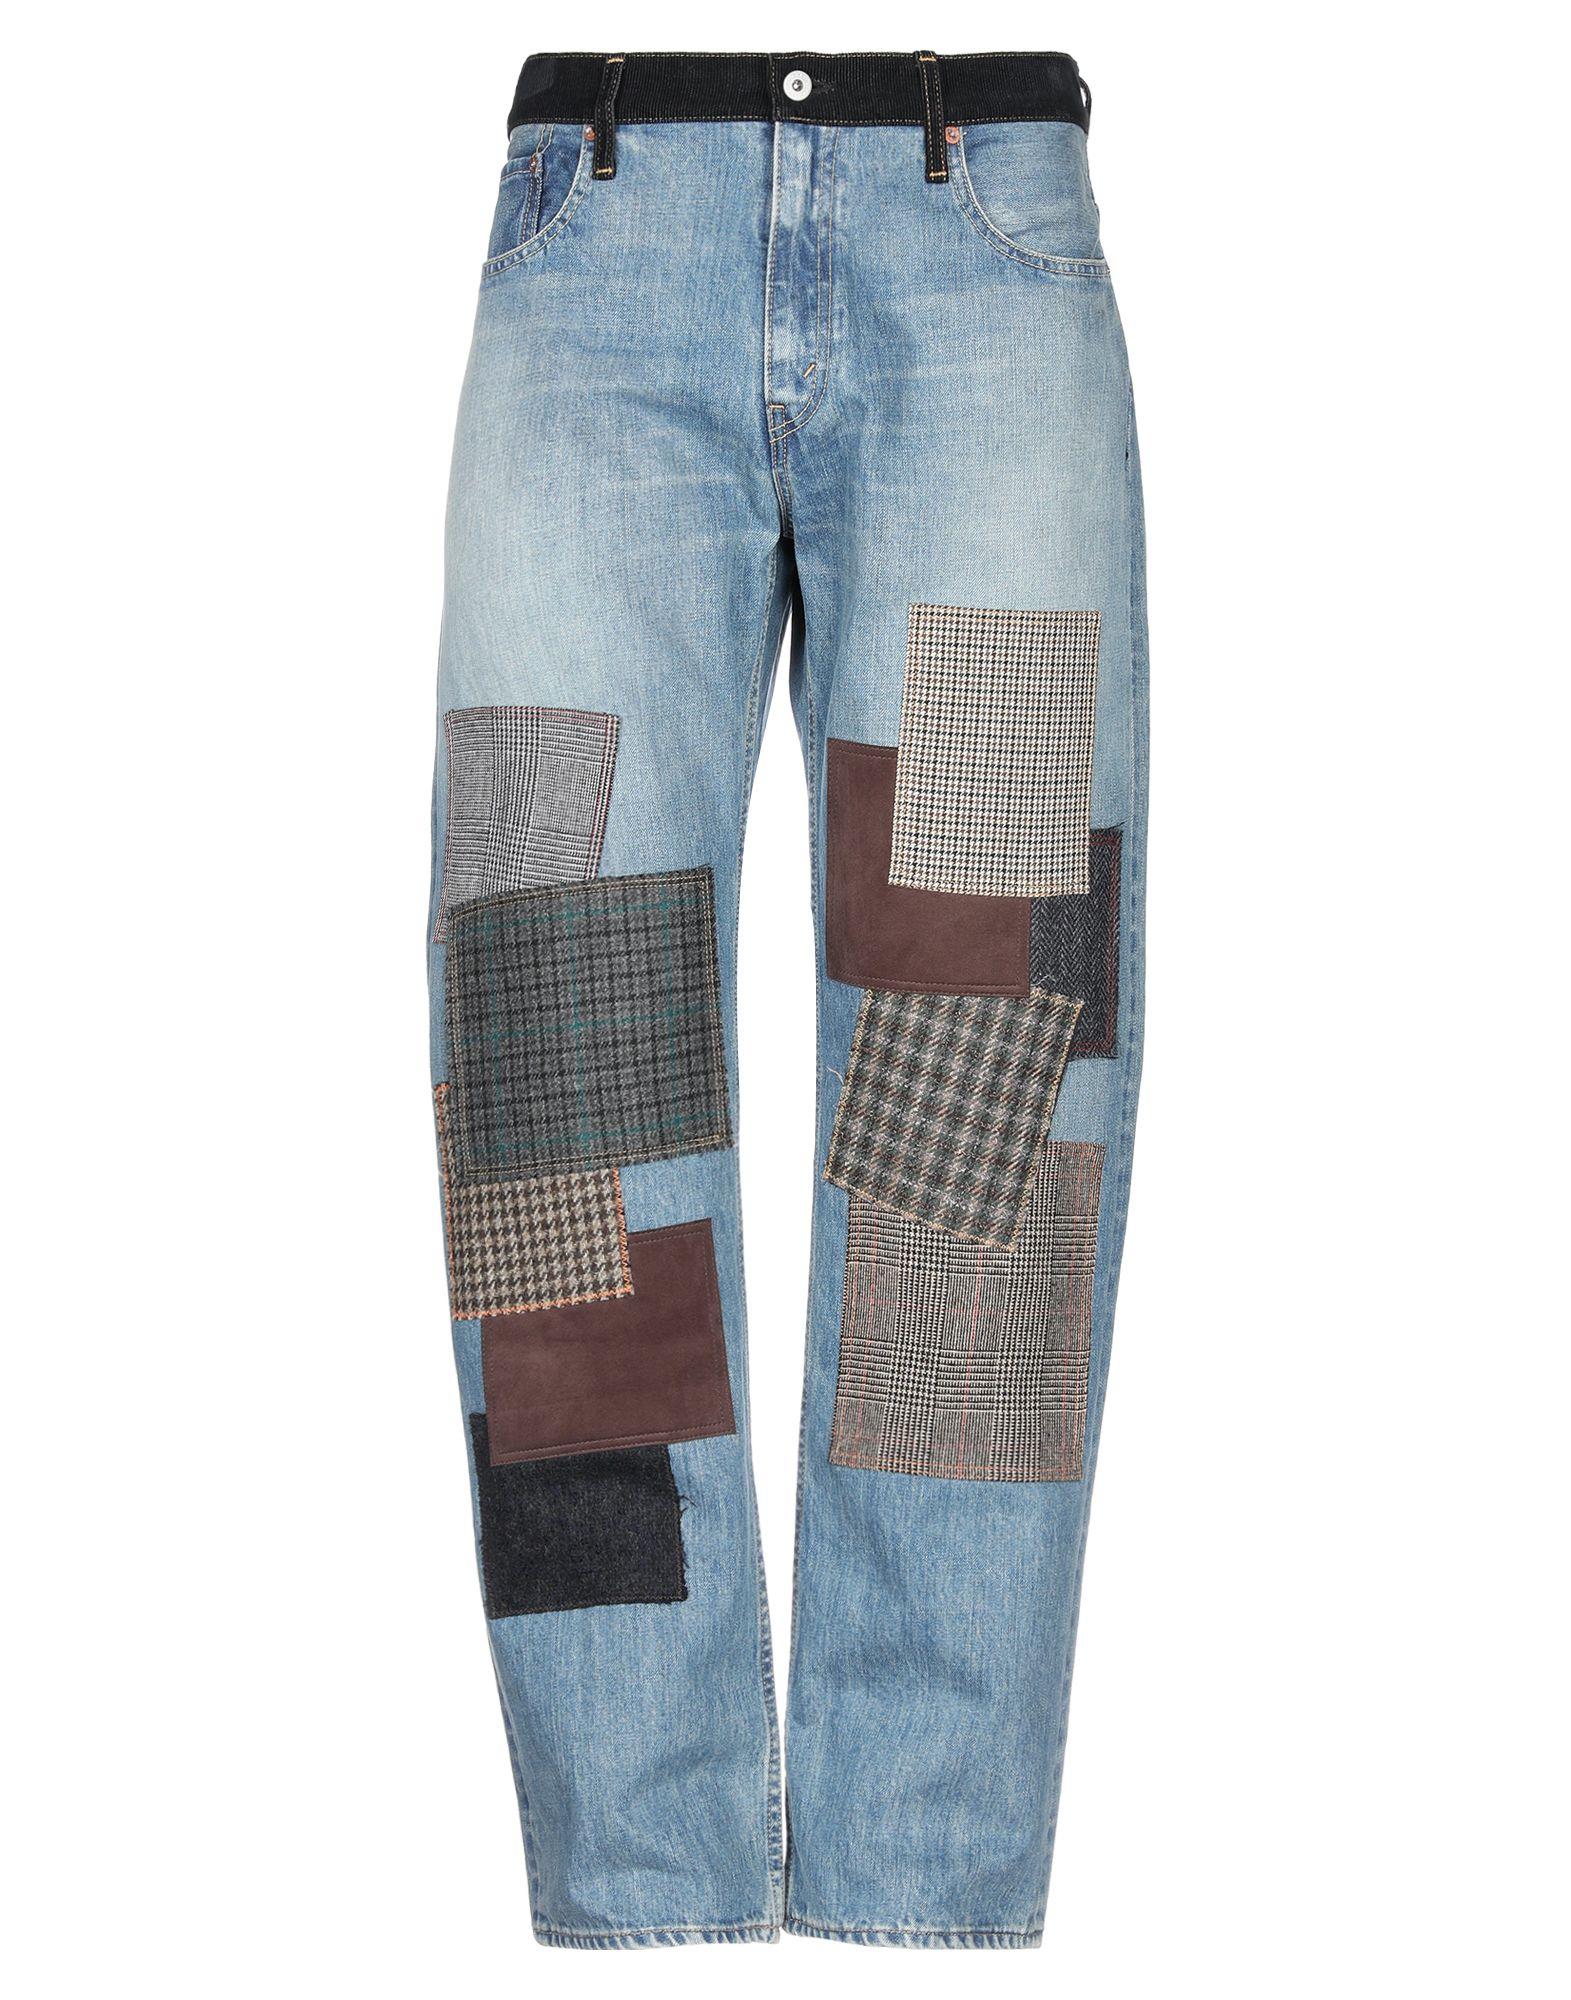 JUNYA WATANABE COMME des GARÇONS MAN X LEVI'S Джинсовые брюки junya watanabe comme des garçons man x levi s джинсовые брюки